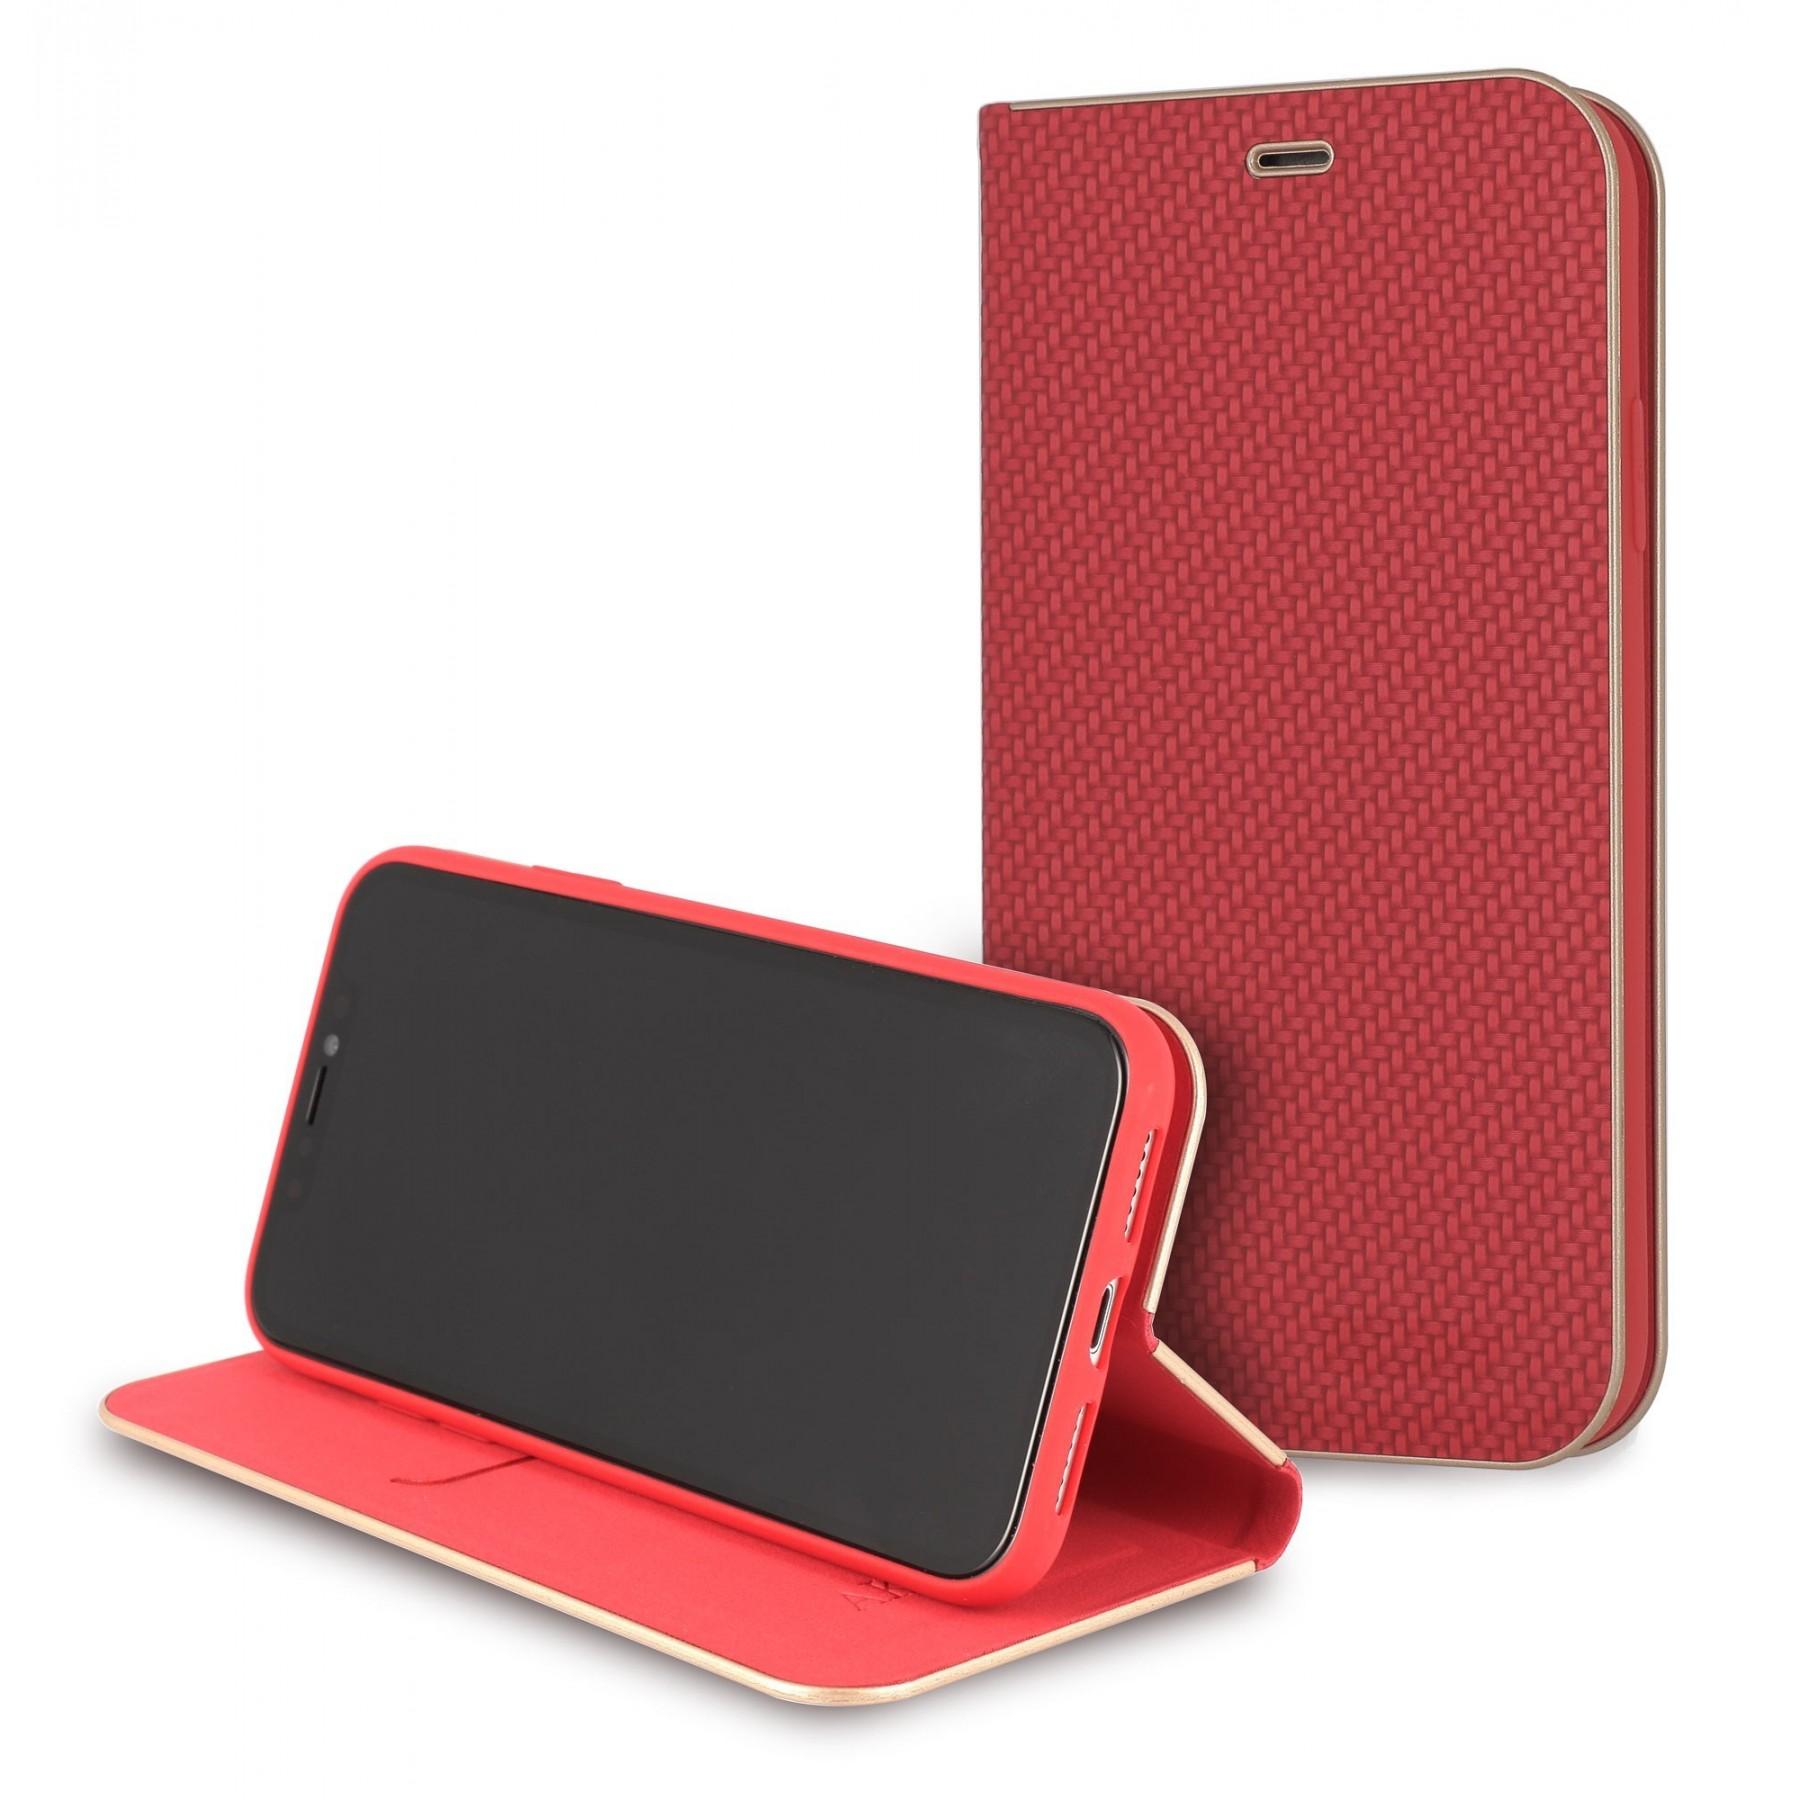 Etui à clapet Folio carbone rouge pour Samsung J3 2017